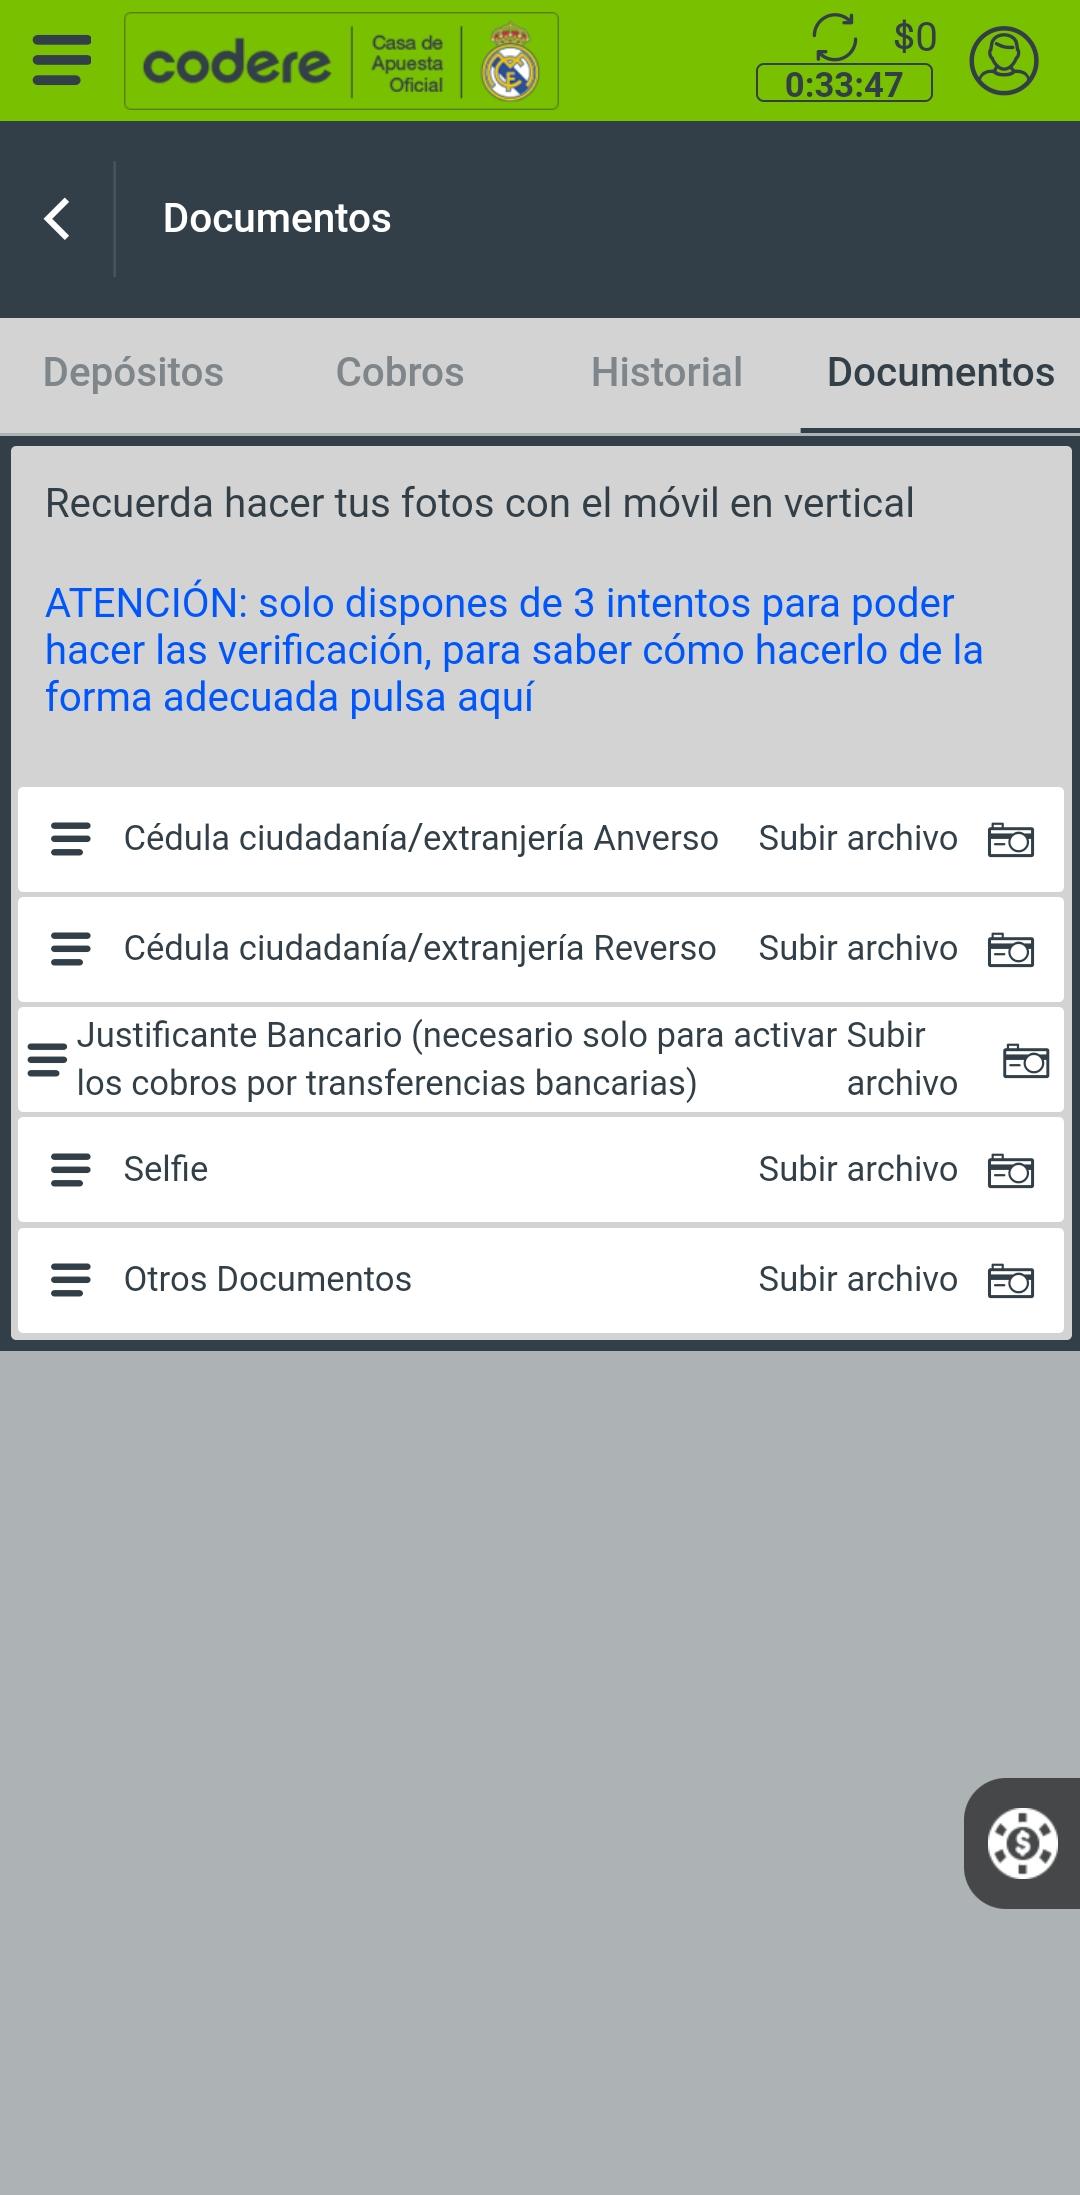 codere app verificación cuenta